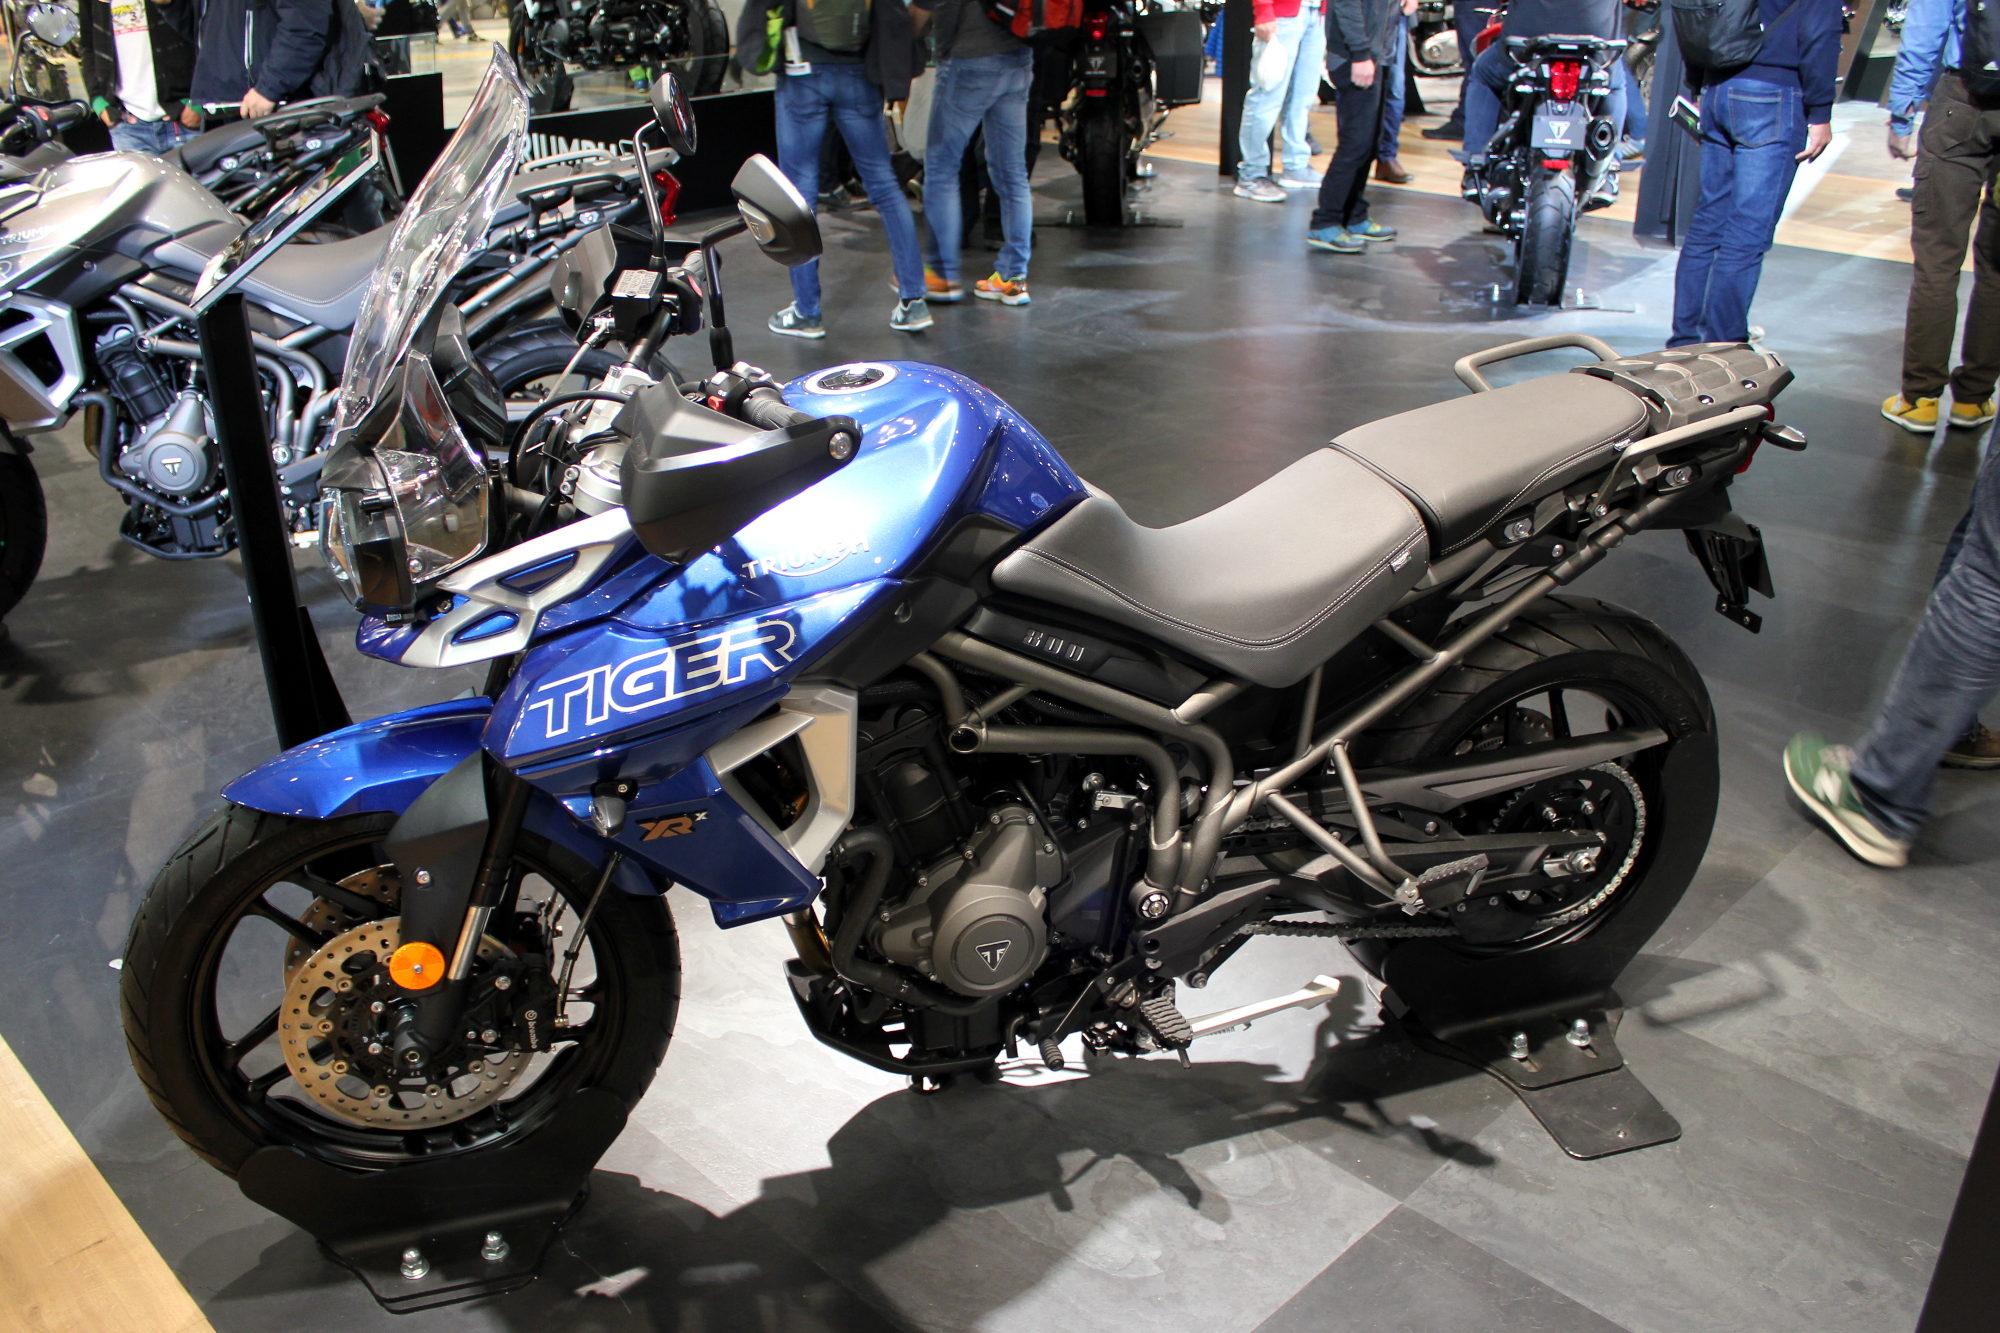 Les Motos Européennes Présentées à Leicma 2017